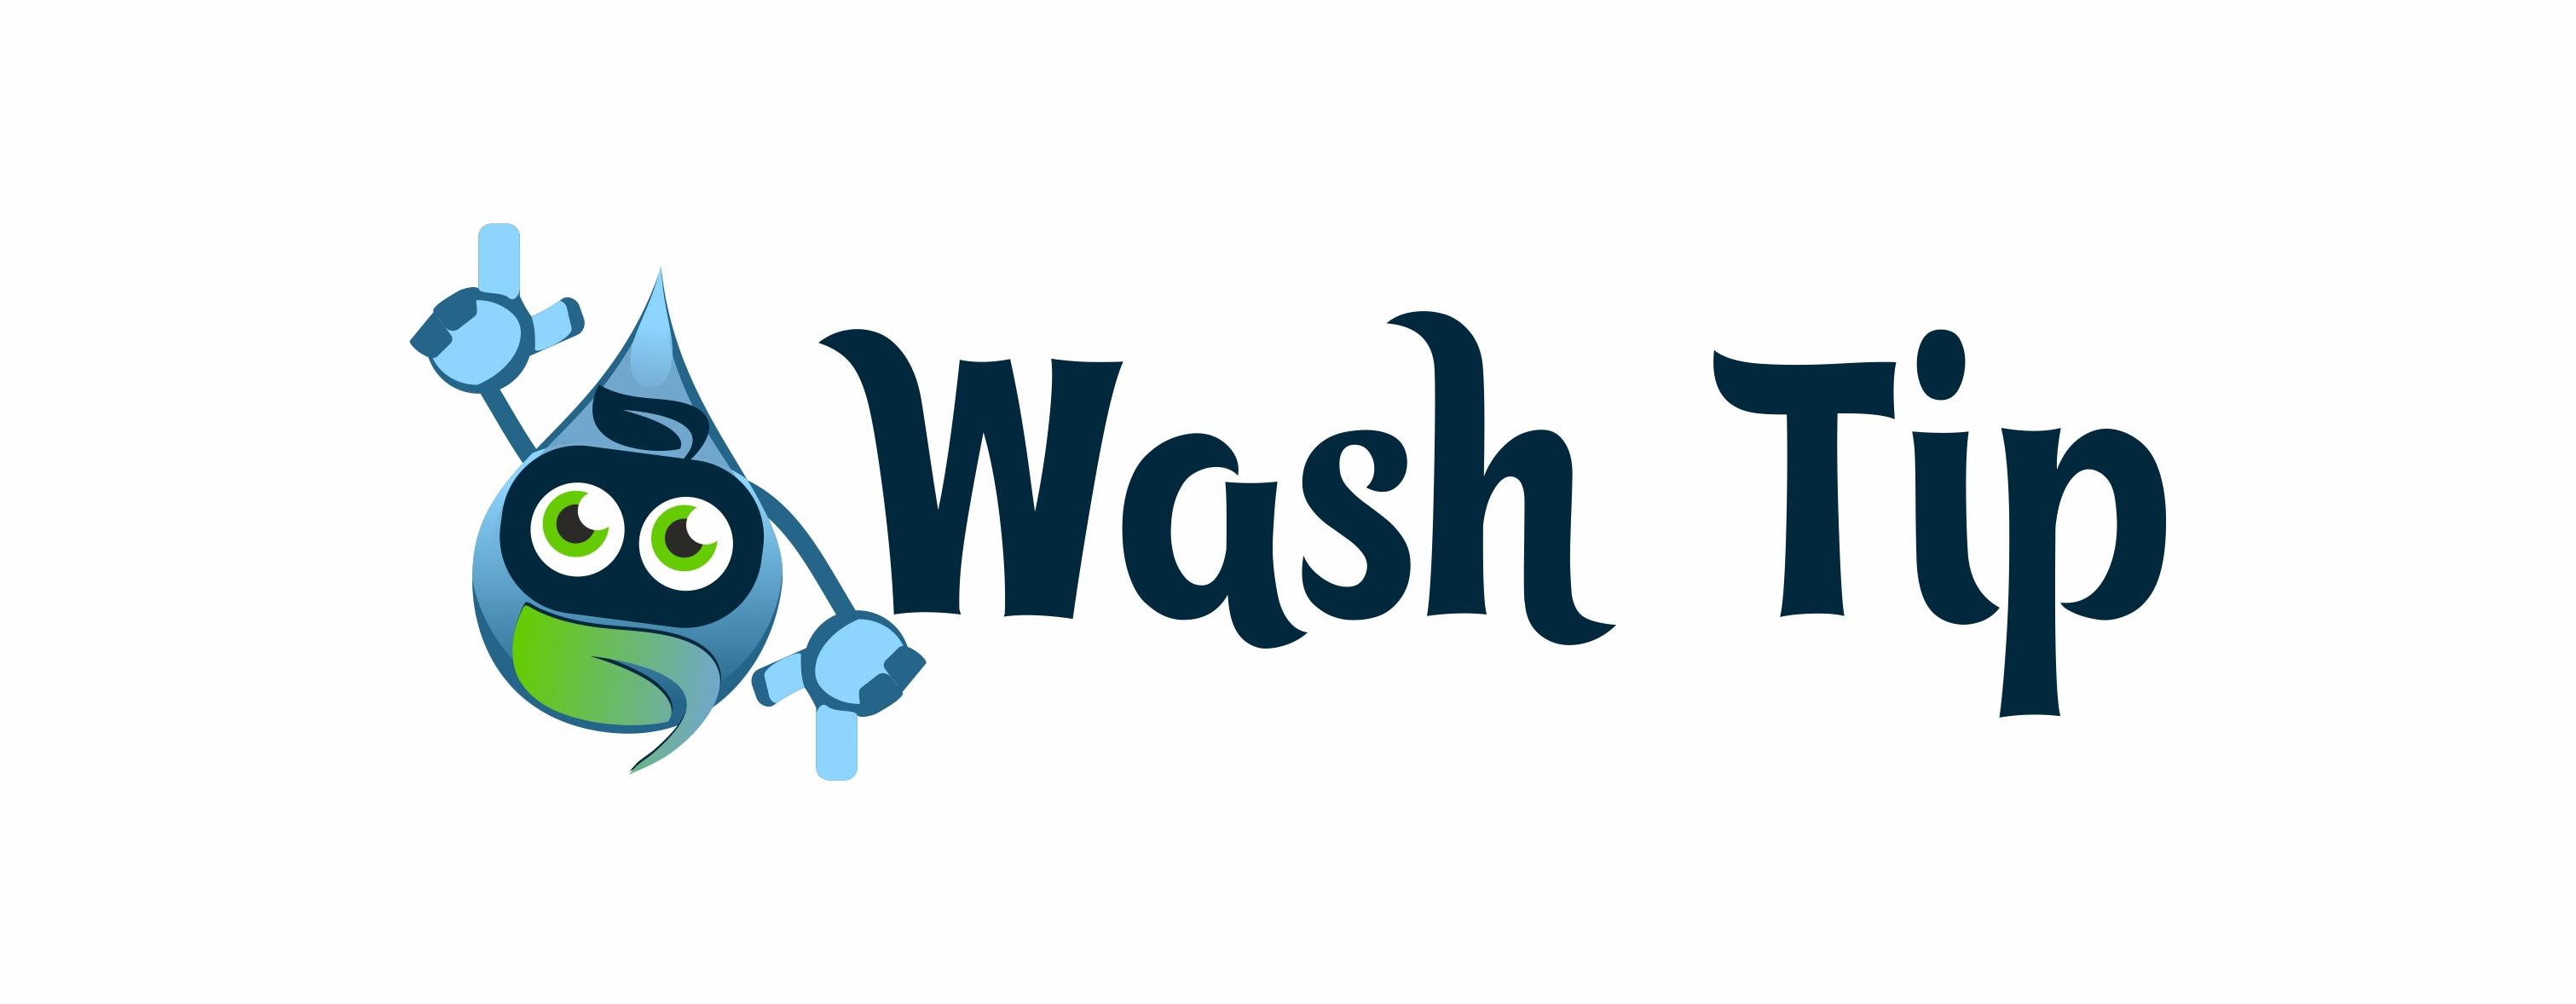 Разработка логотипа для онлайн-сервиса химчистки фото f_5405c056fdd5b4af.jpg